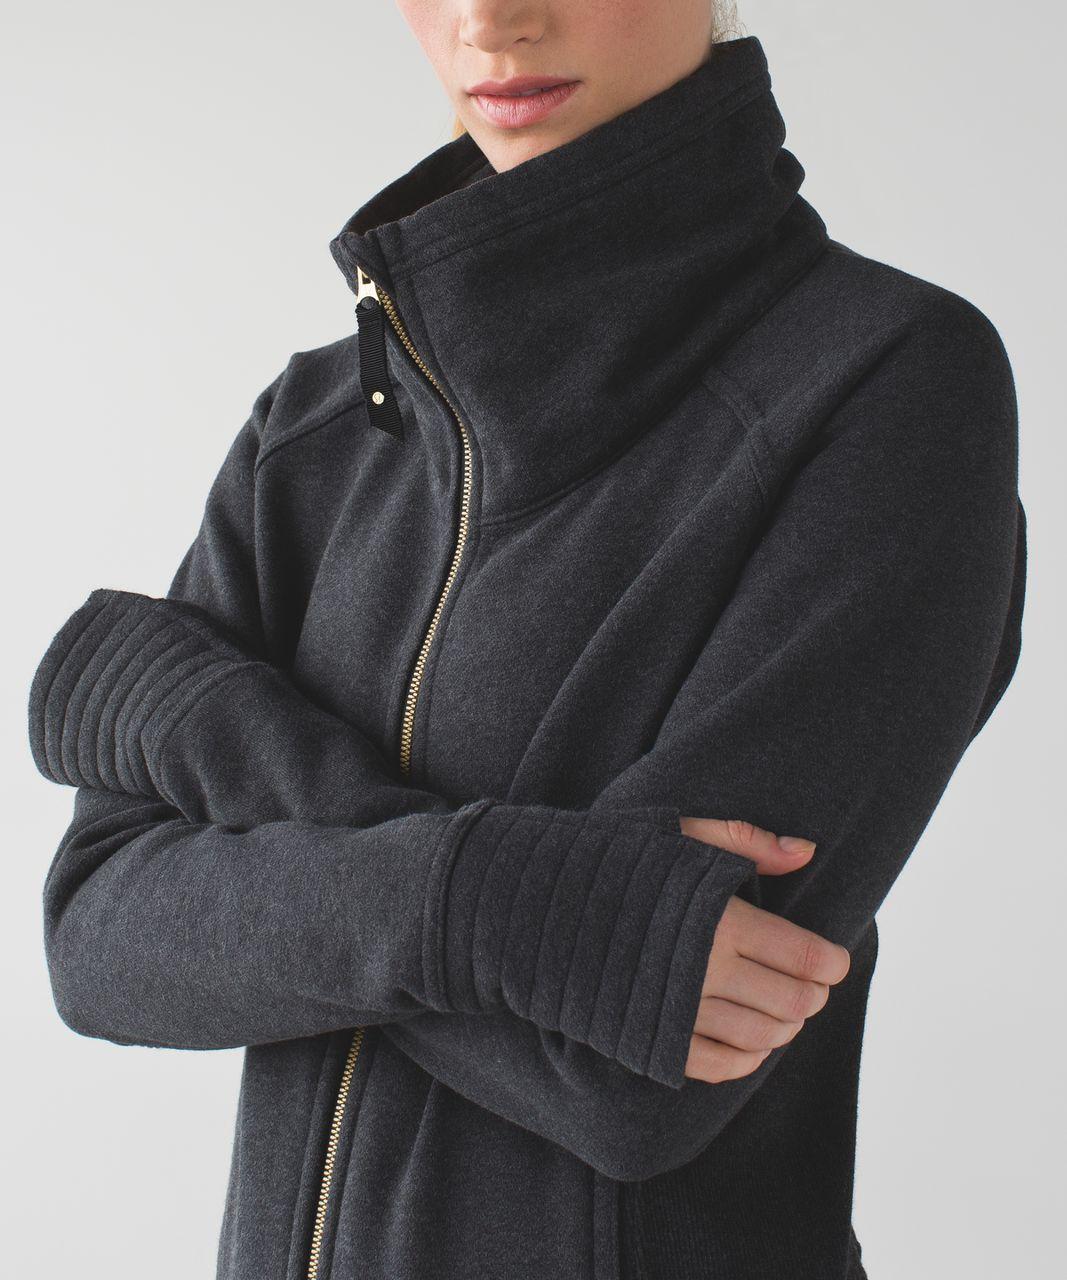 Lululemon Radiant Jacket Heathered Black Lululemon